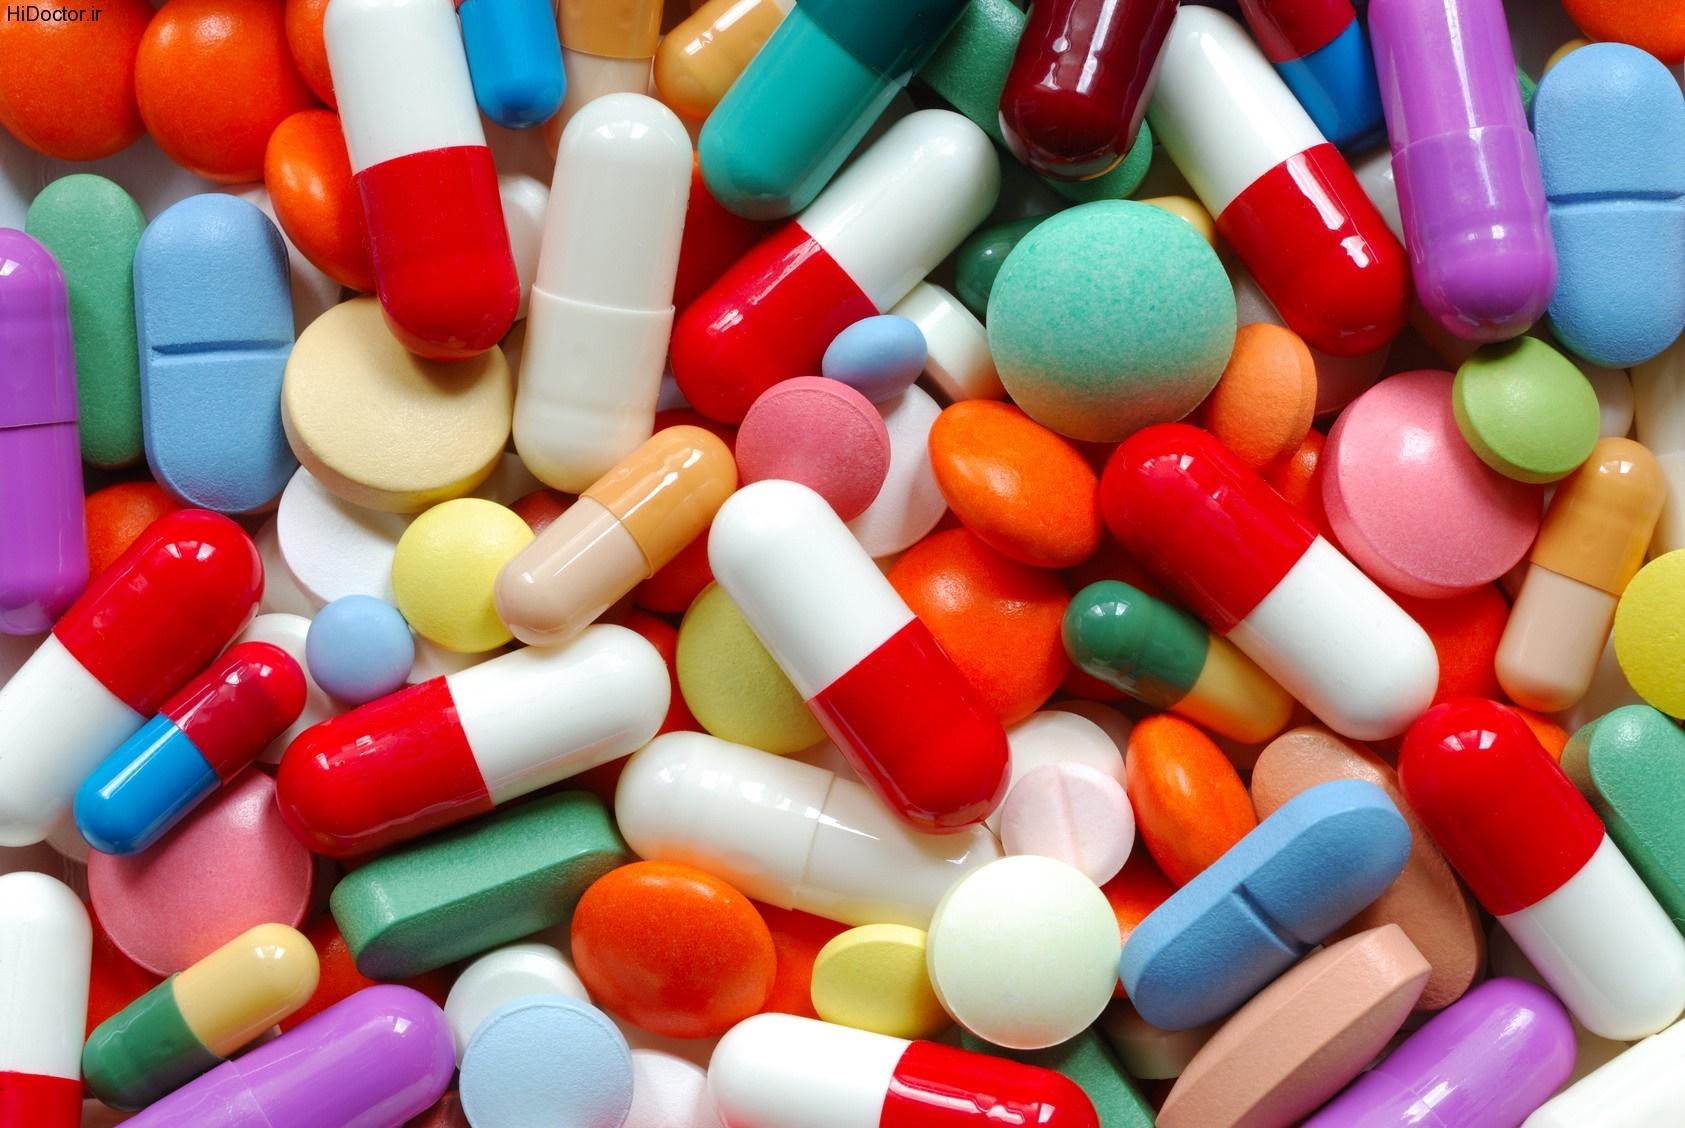 آشنایی با عوارض آنتیبیوتیکها